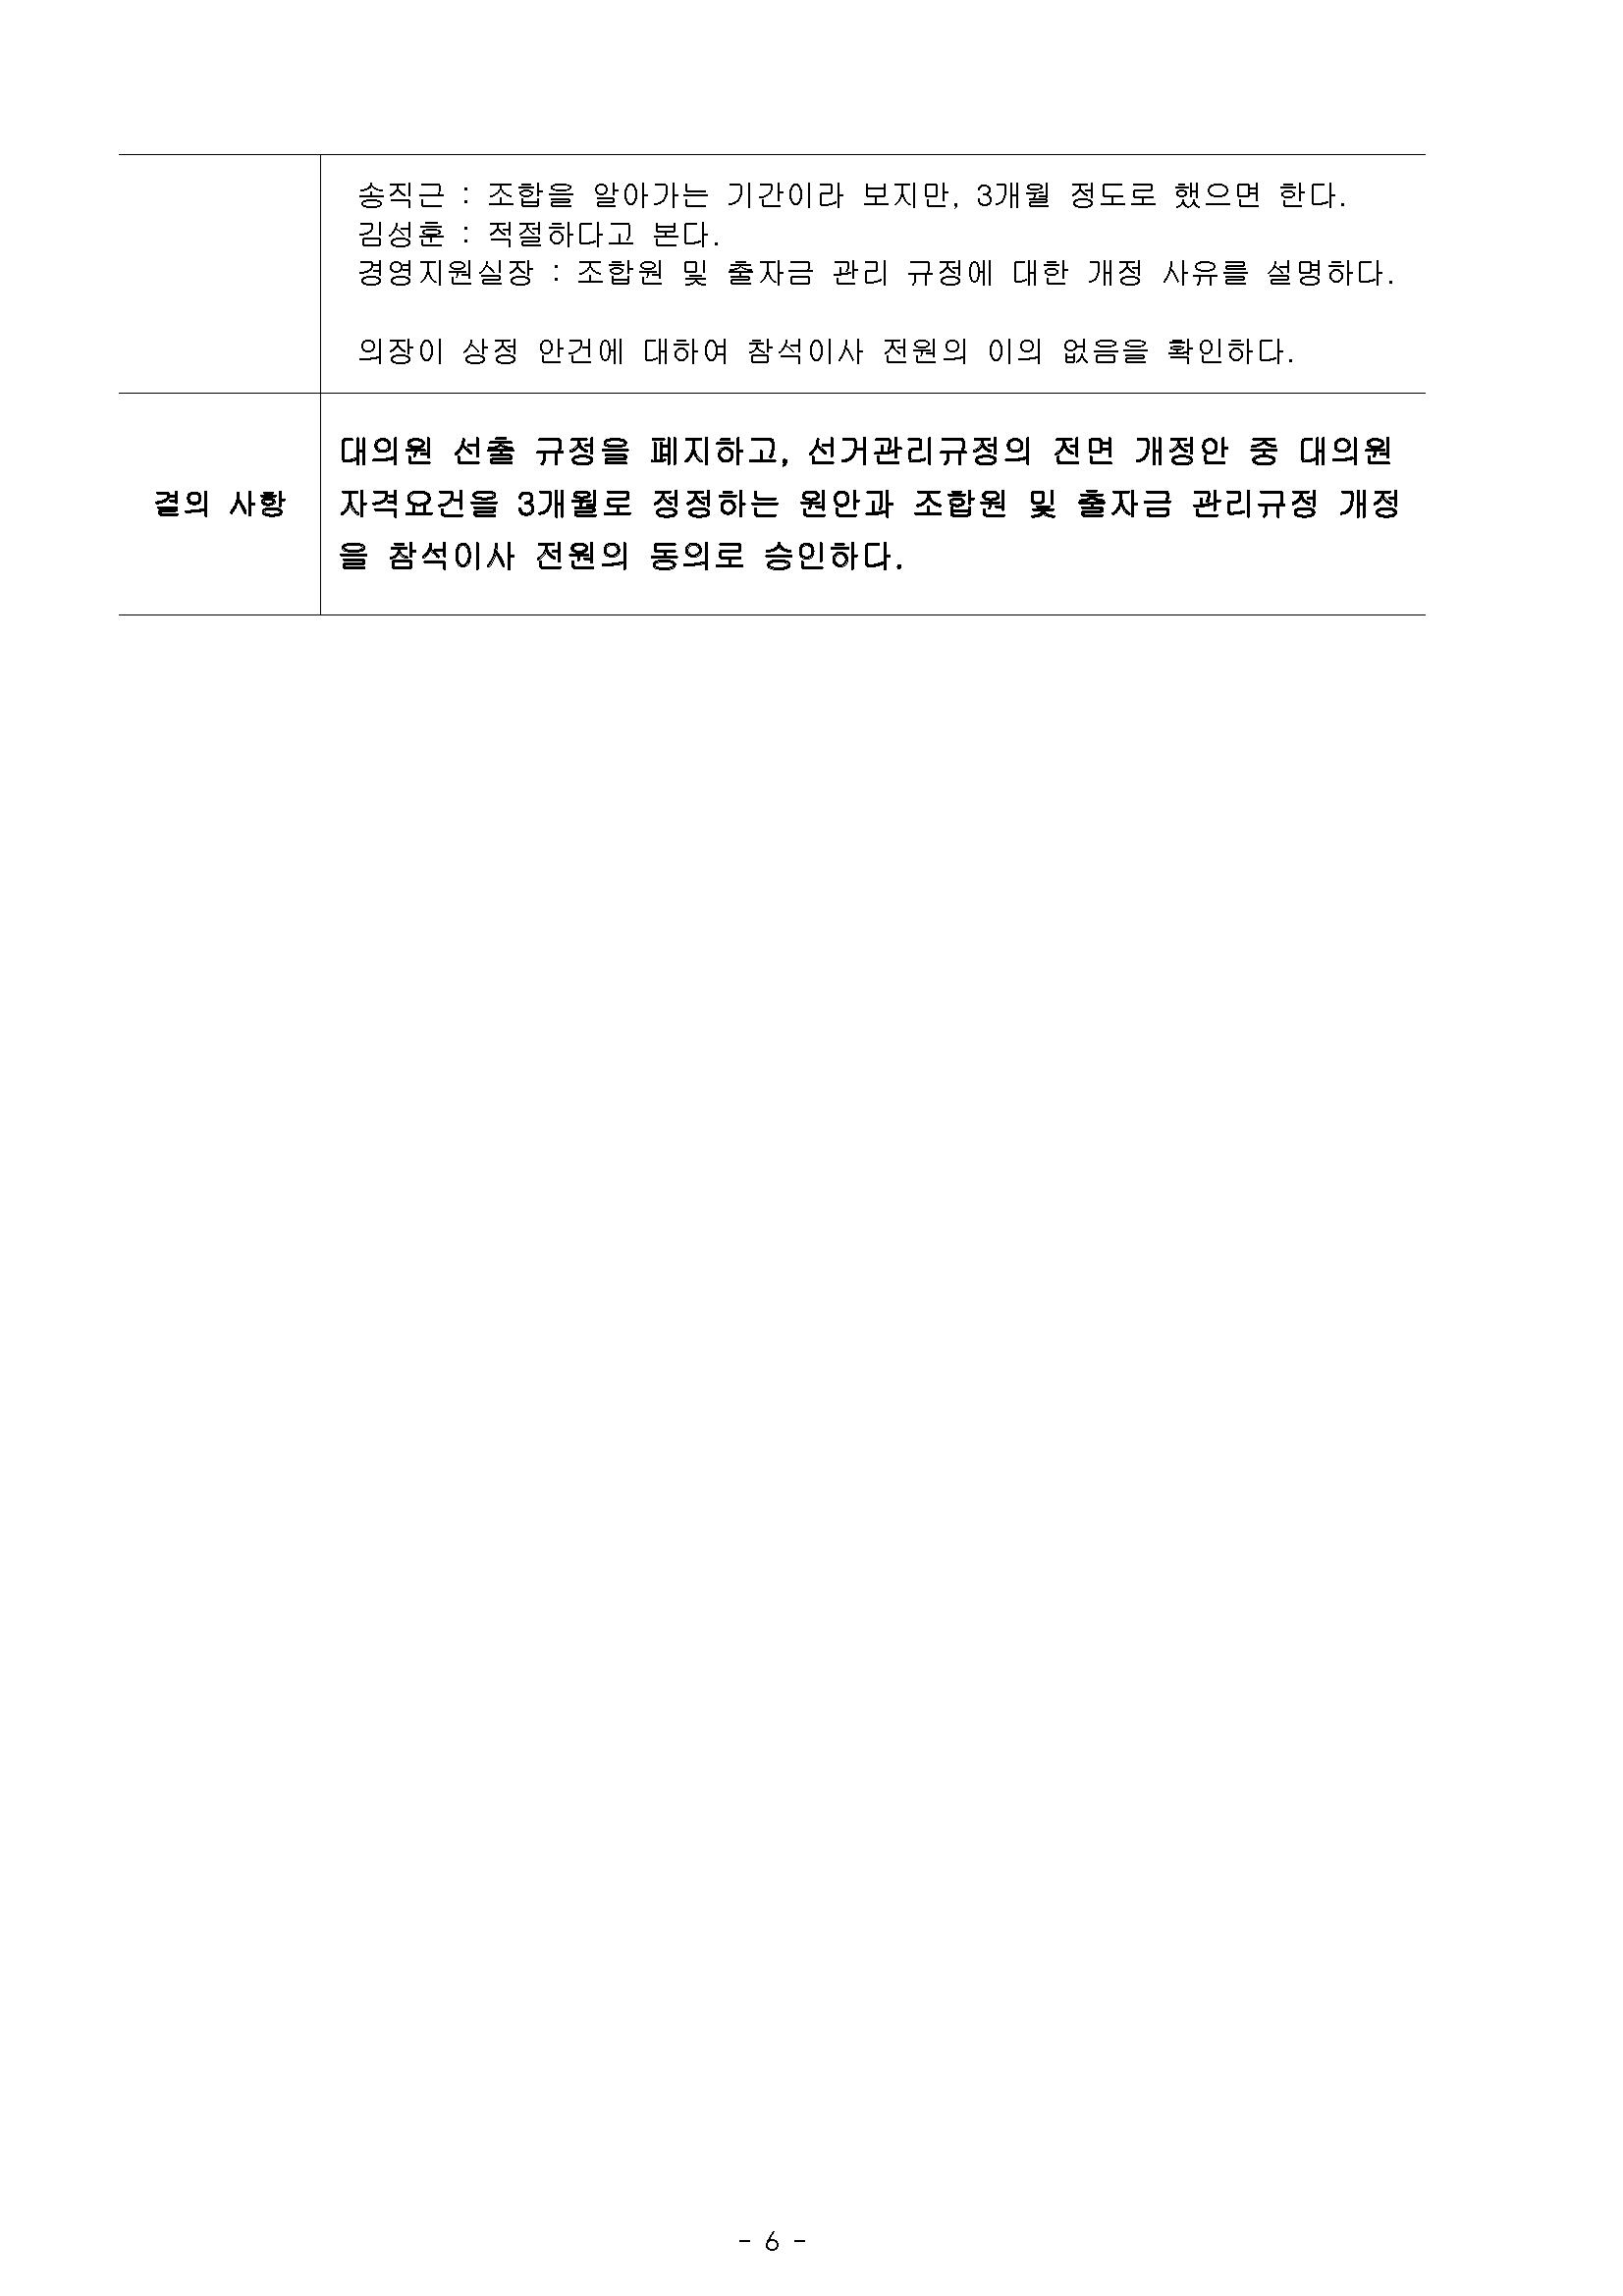 1 20191128 이사회 의사록_페이지_07.png